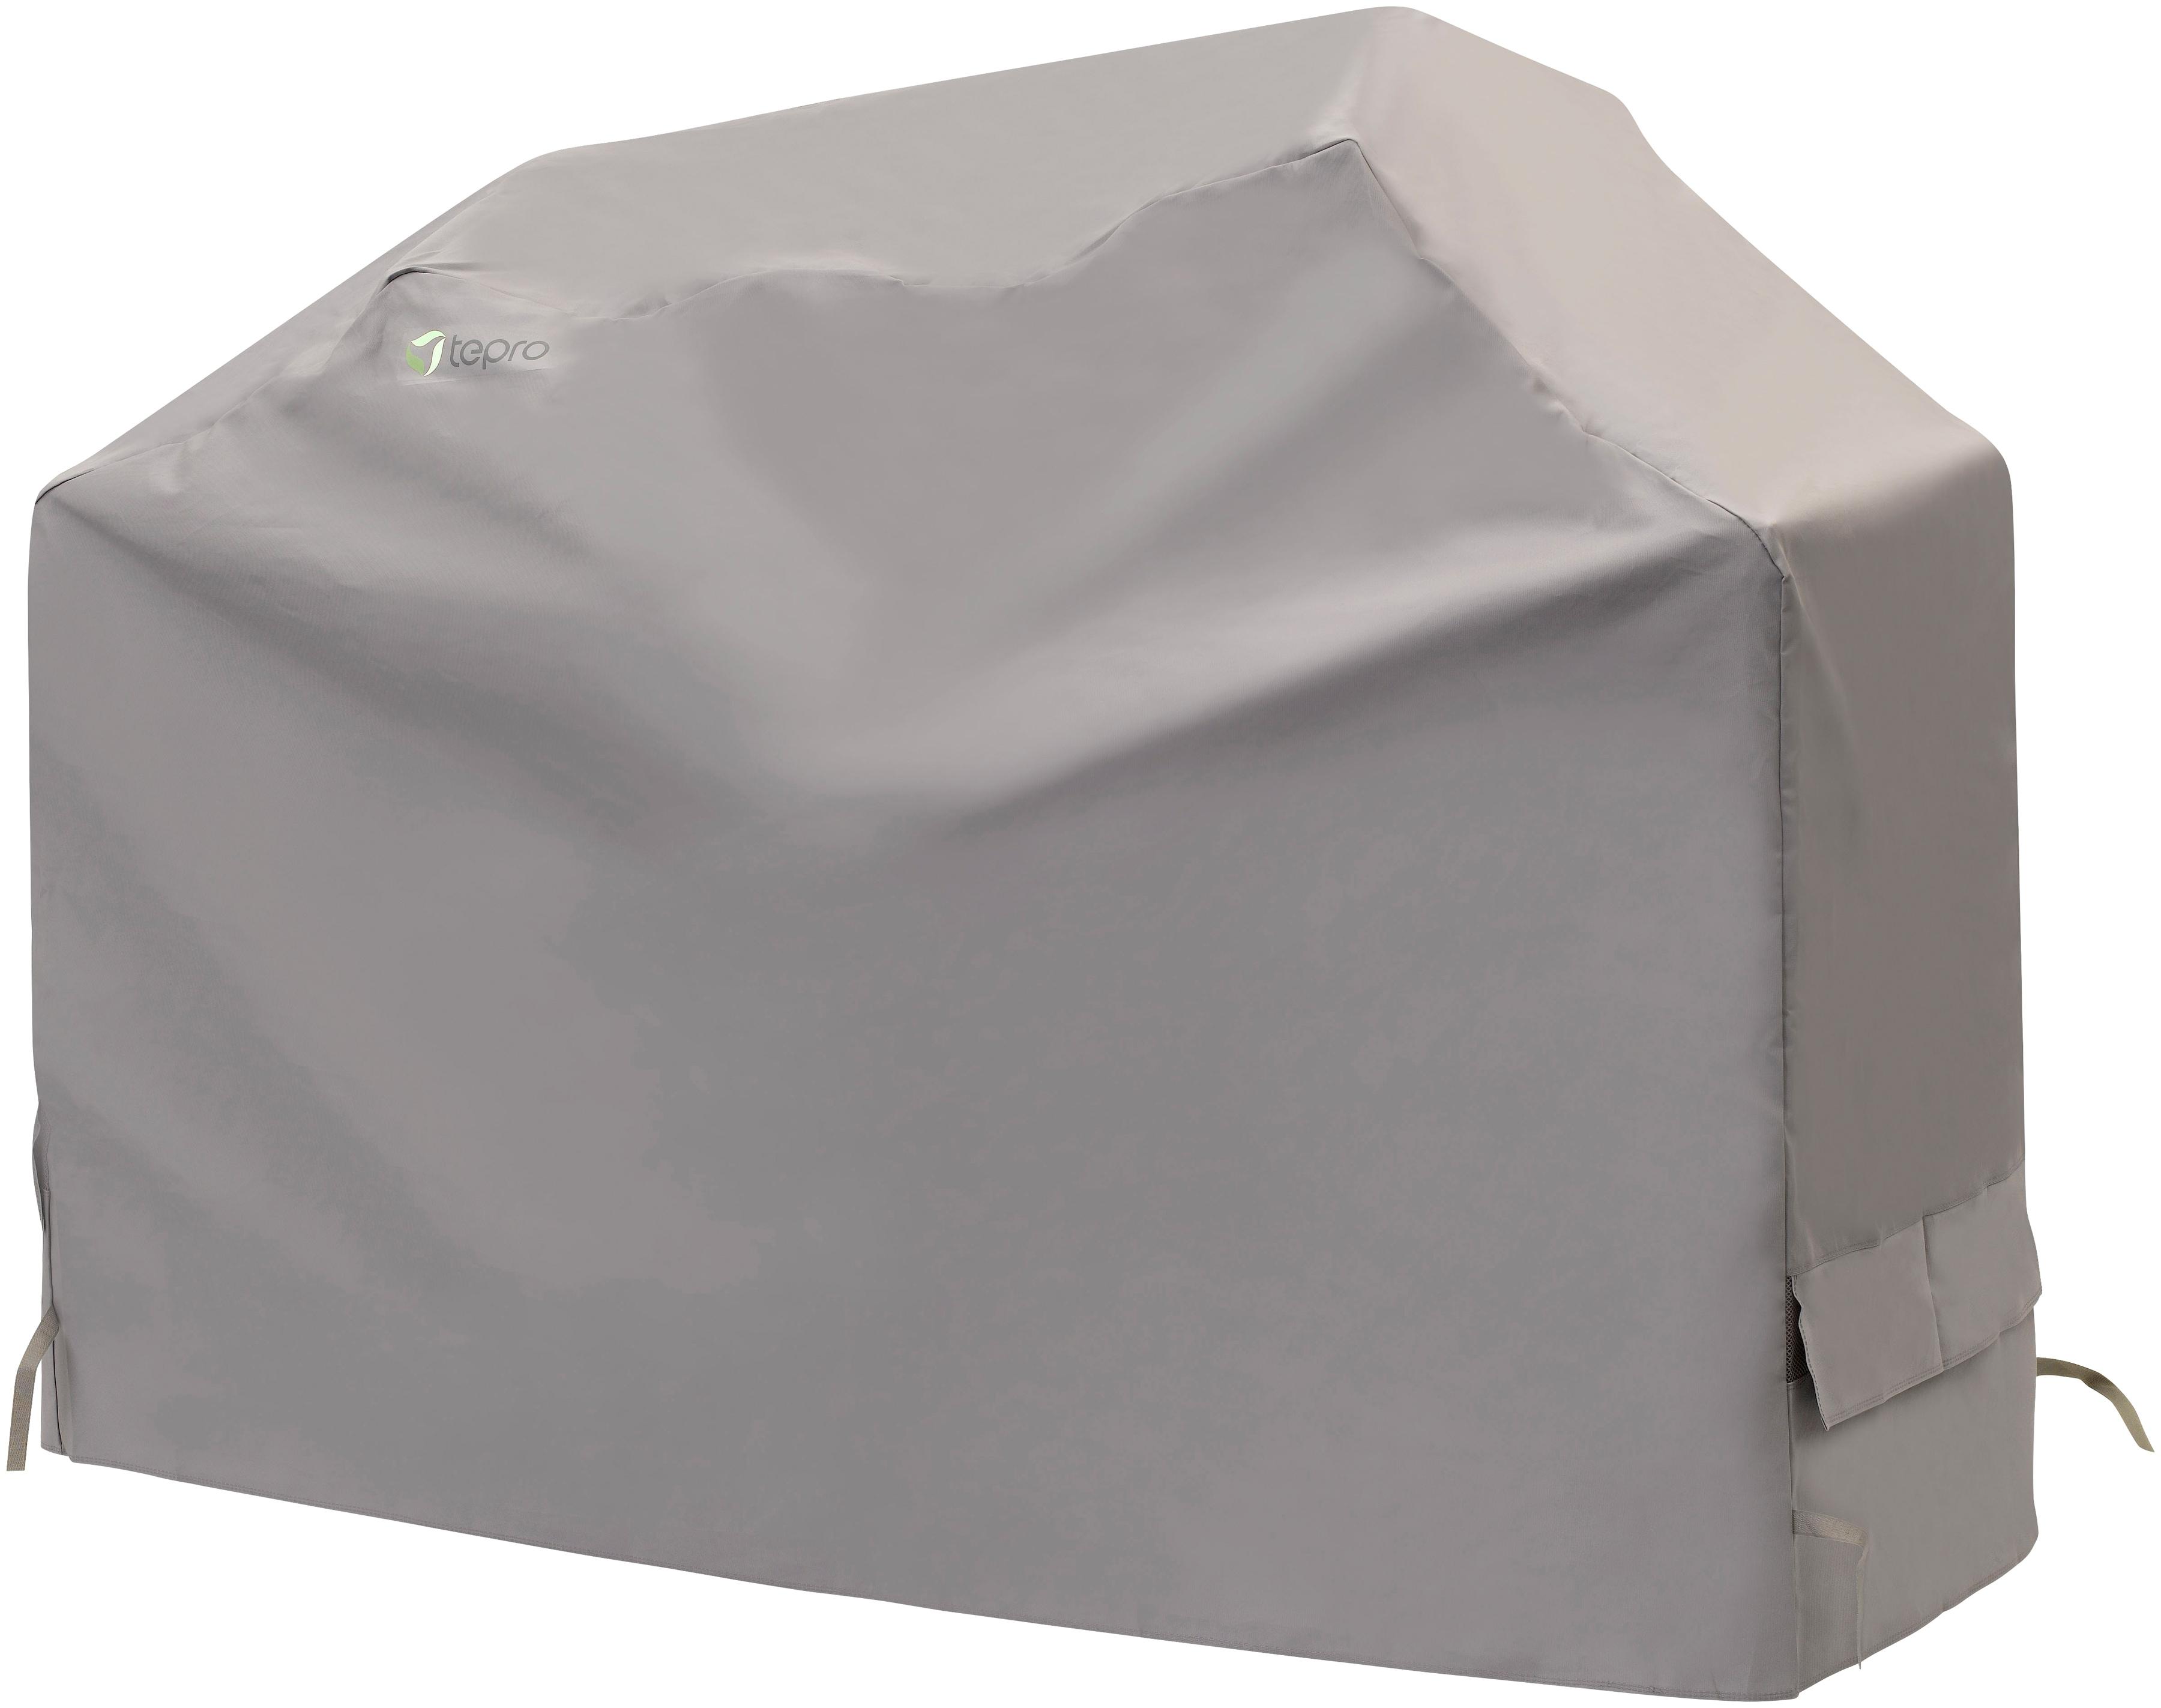 Tepro Universal Abdeckhaube Für Holzkohlegrill Toronto : Haushalt online günstig kaufen über shop24.at shop24